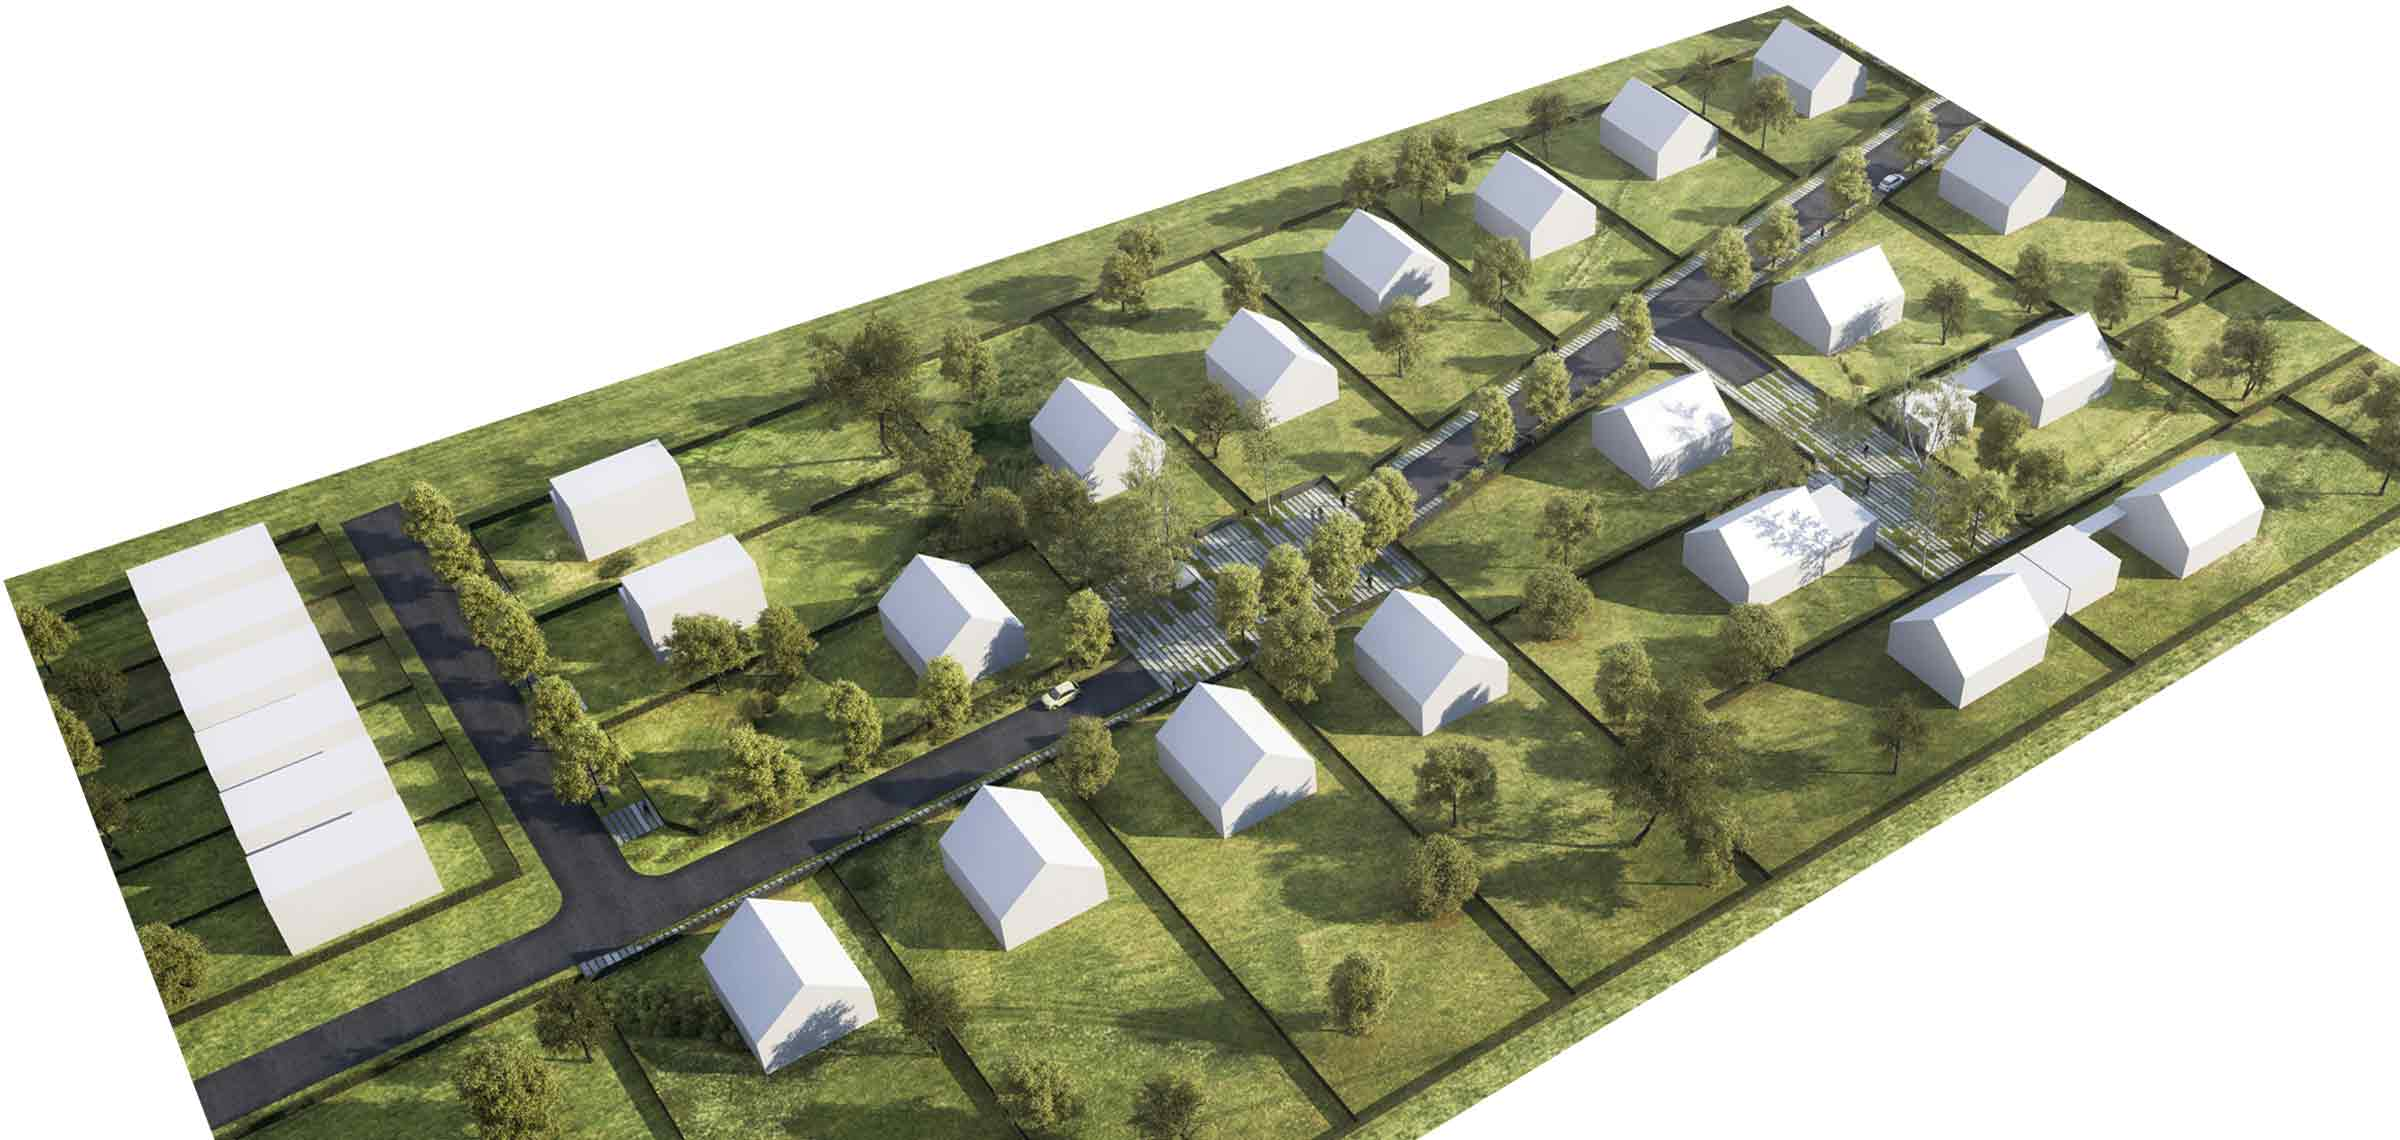 Pozemky Mohelnice - Stavební parcely - Řadové domy